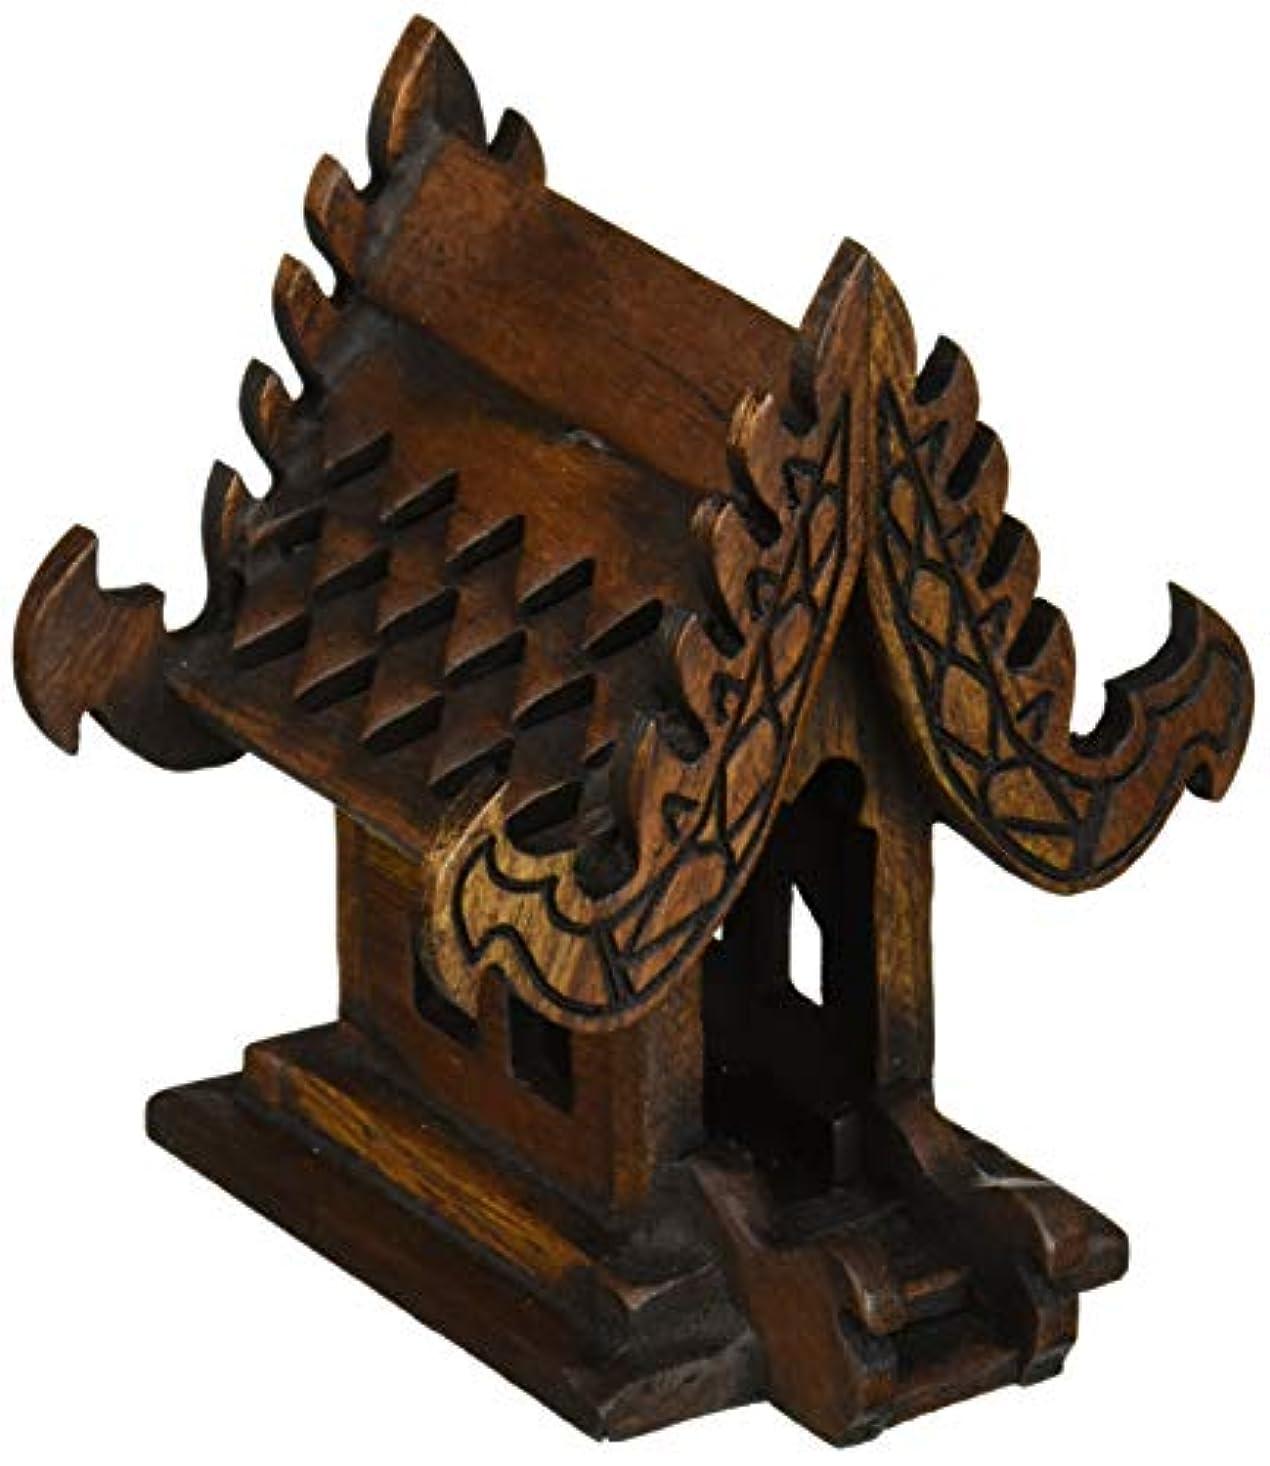 メトロポリタン間寝具デザインunseenthailandタイ仏教でハンドメイドチーク材木製Spirit家。 W4